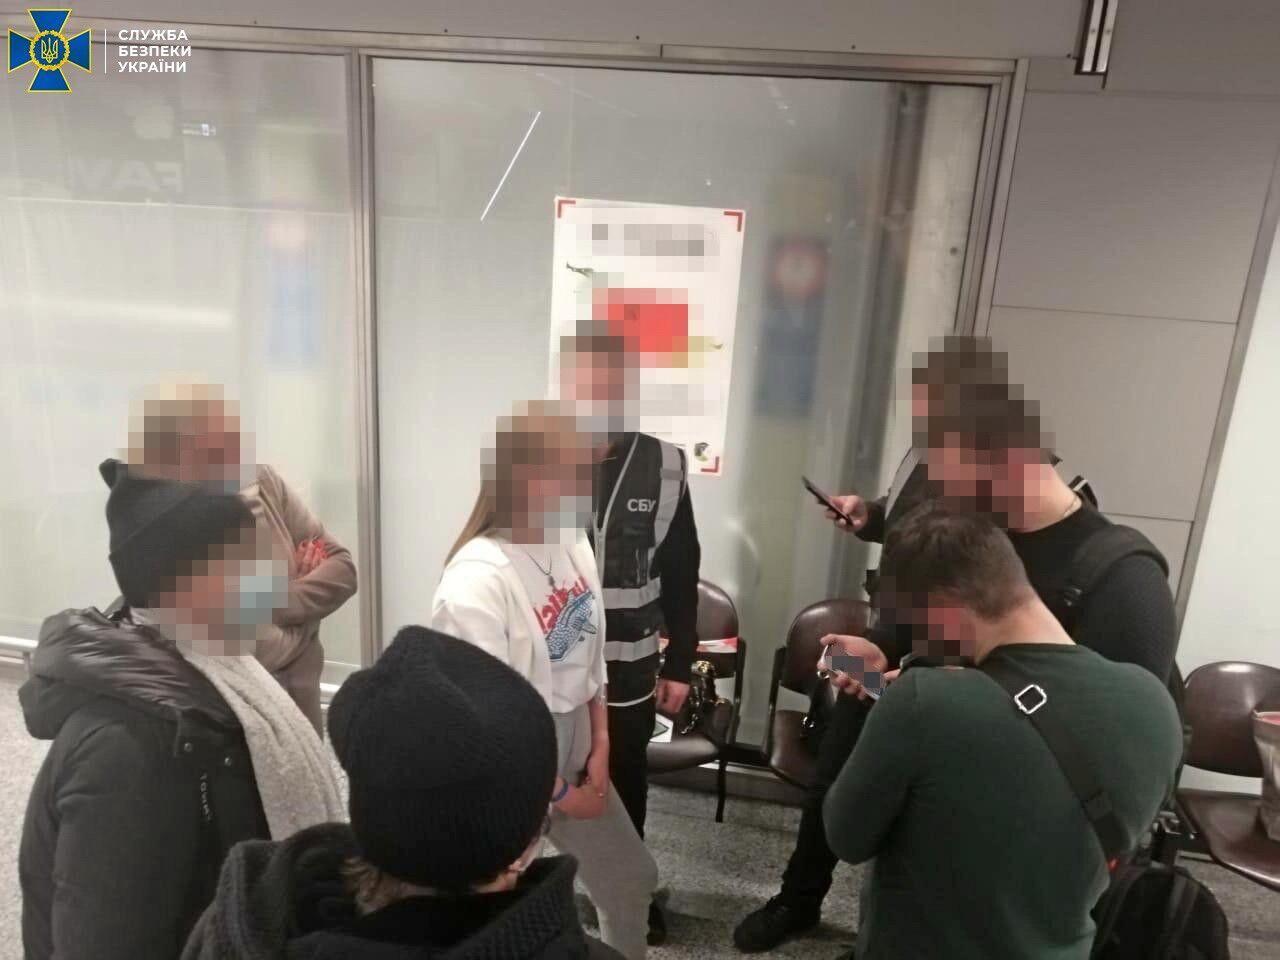 СБУ задержала в Киеве одну из ключевых фигуранток дела